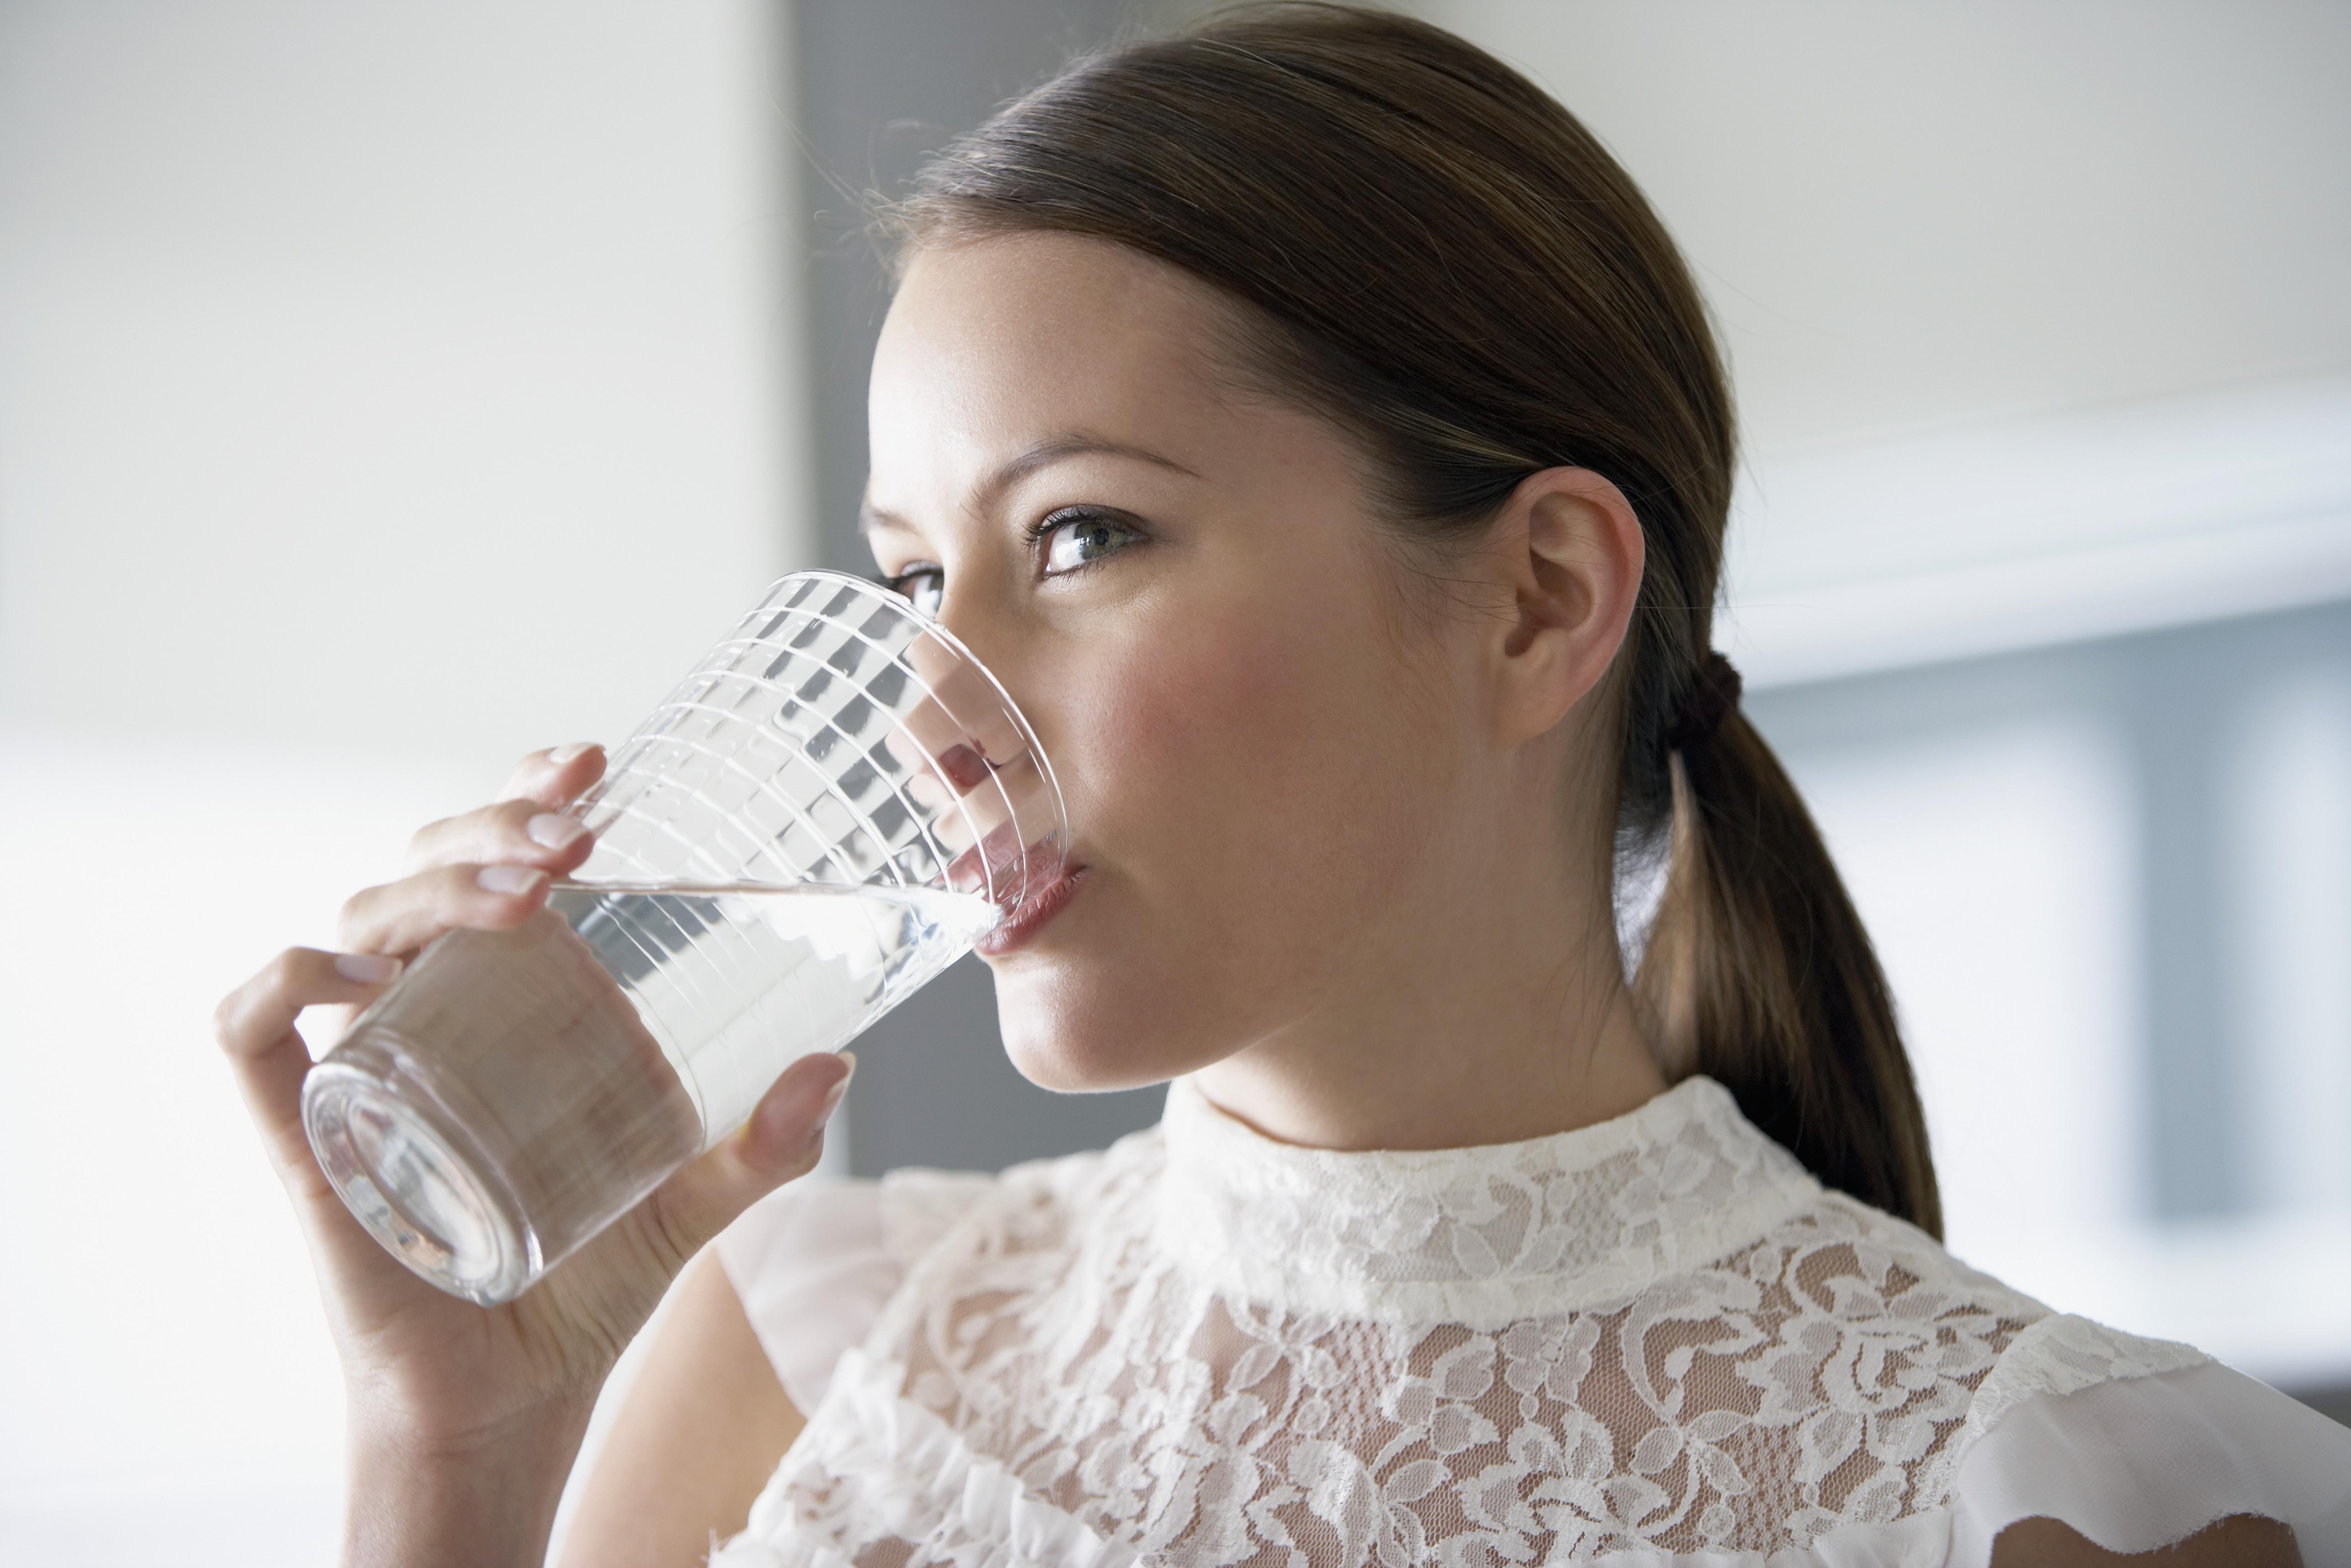 hogyan lehet lefogyni egyszerű módon 10 tipp az egészséges fogyáshoz